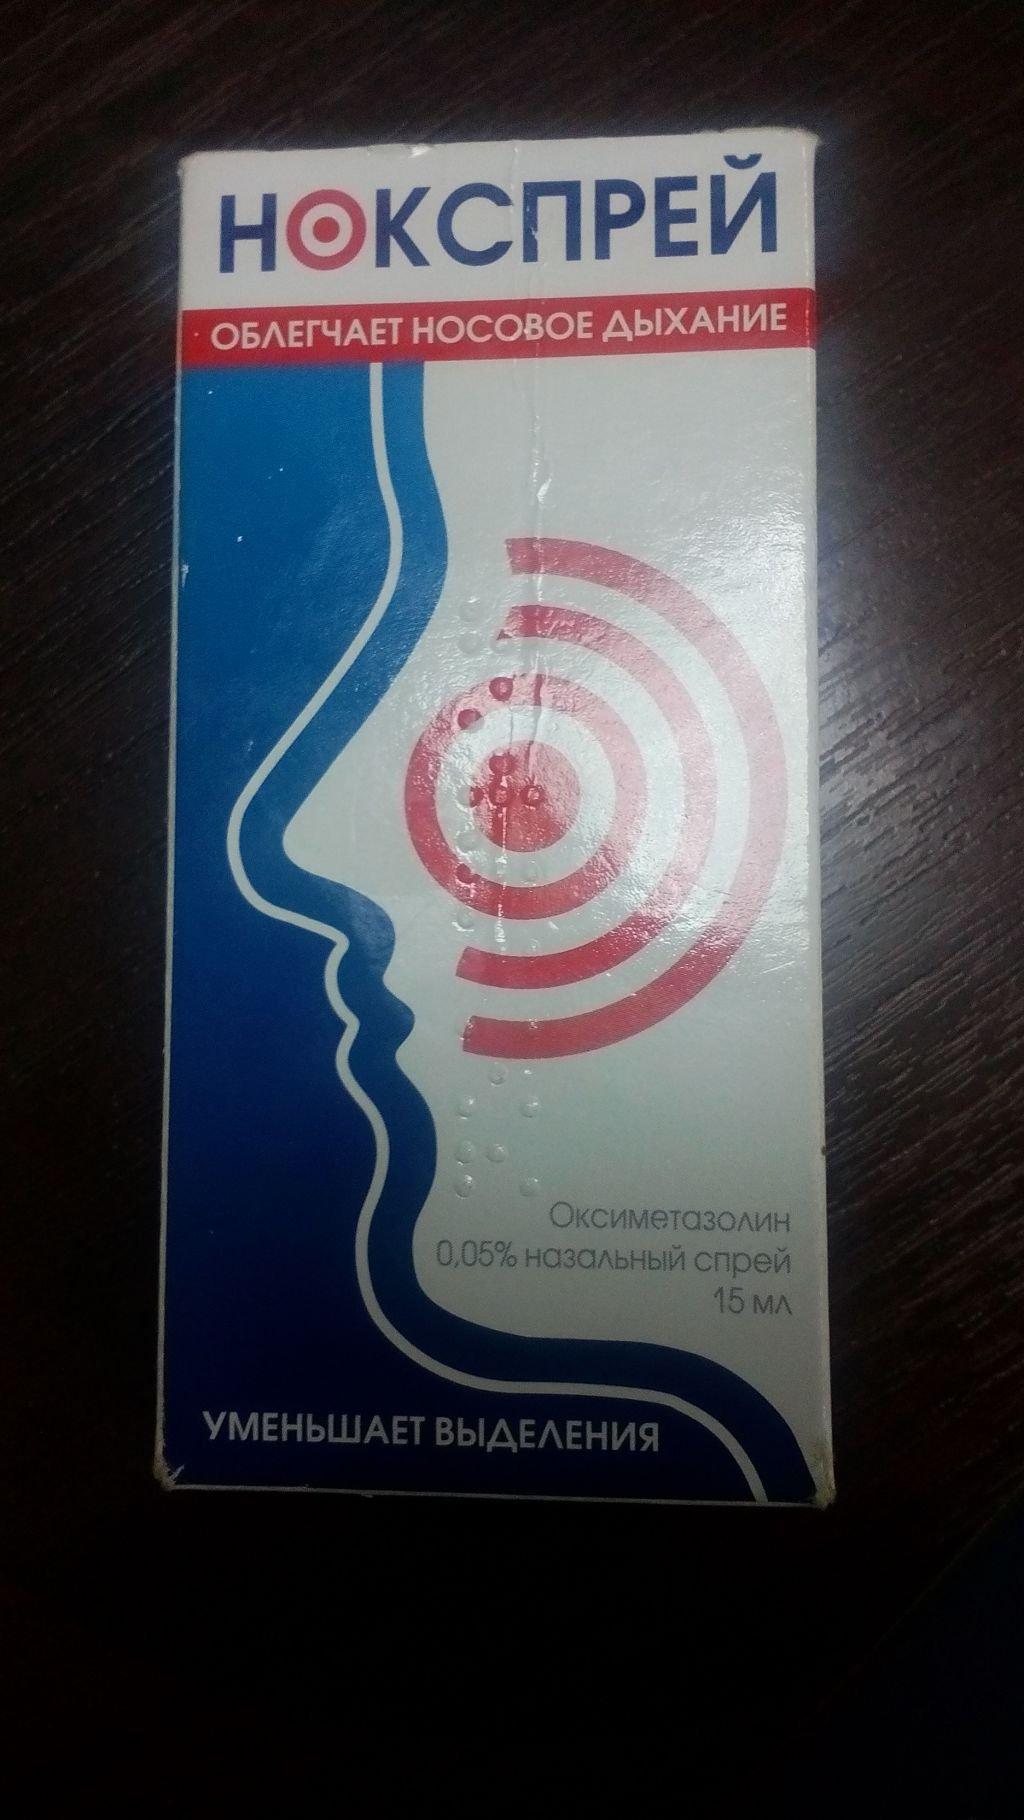 Нокспрей - эффективное и действенное средство для лечения насморка